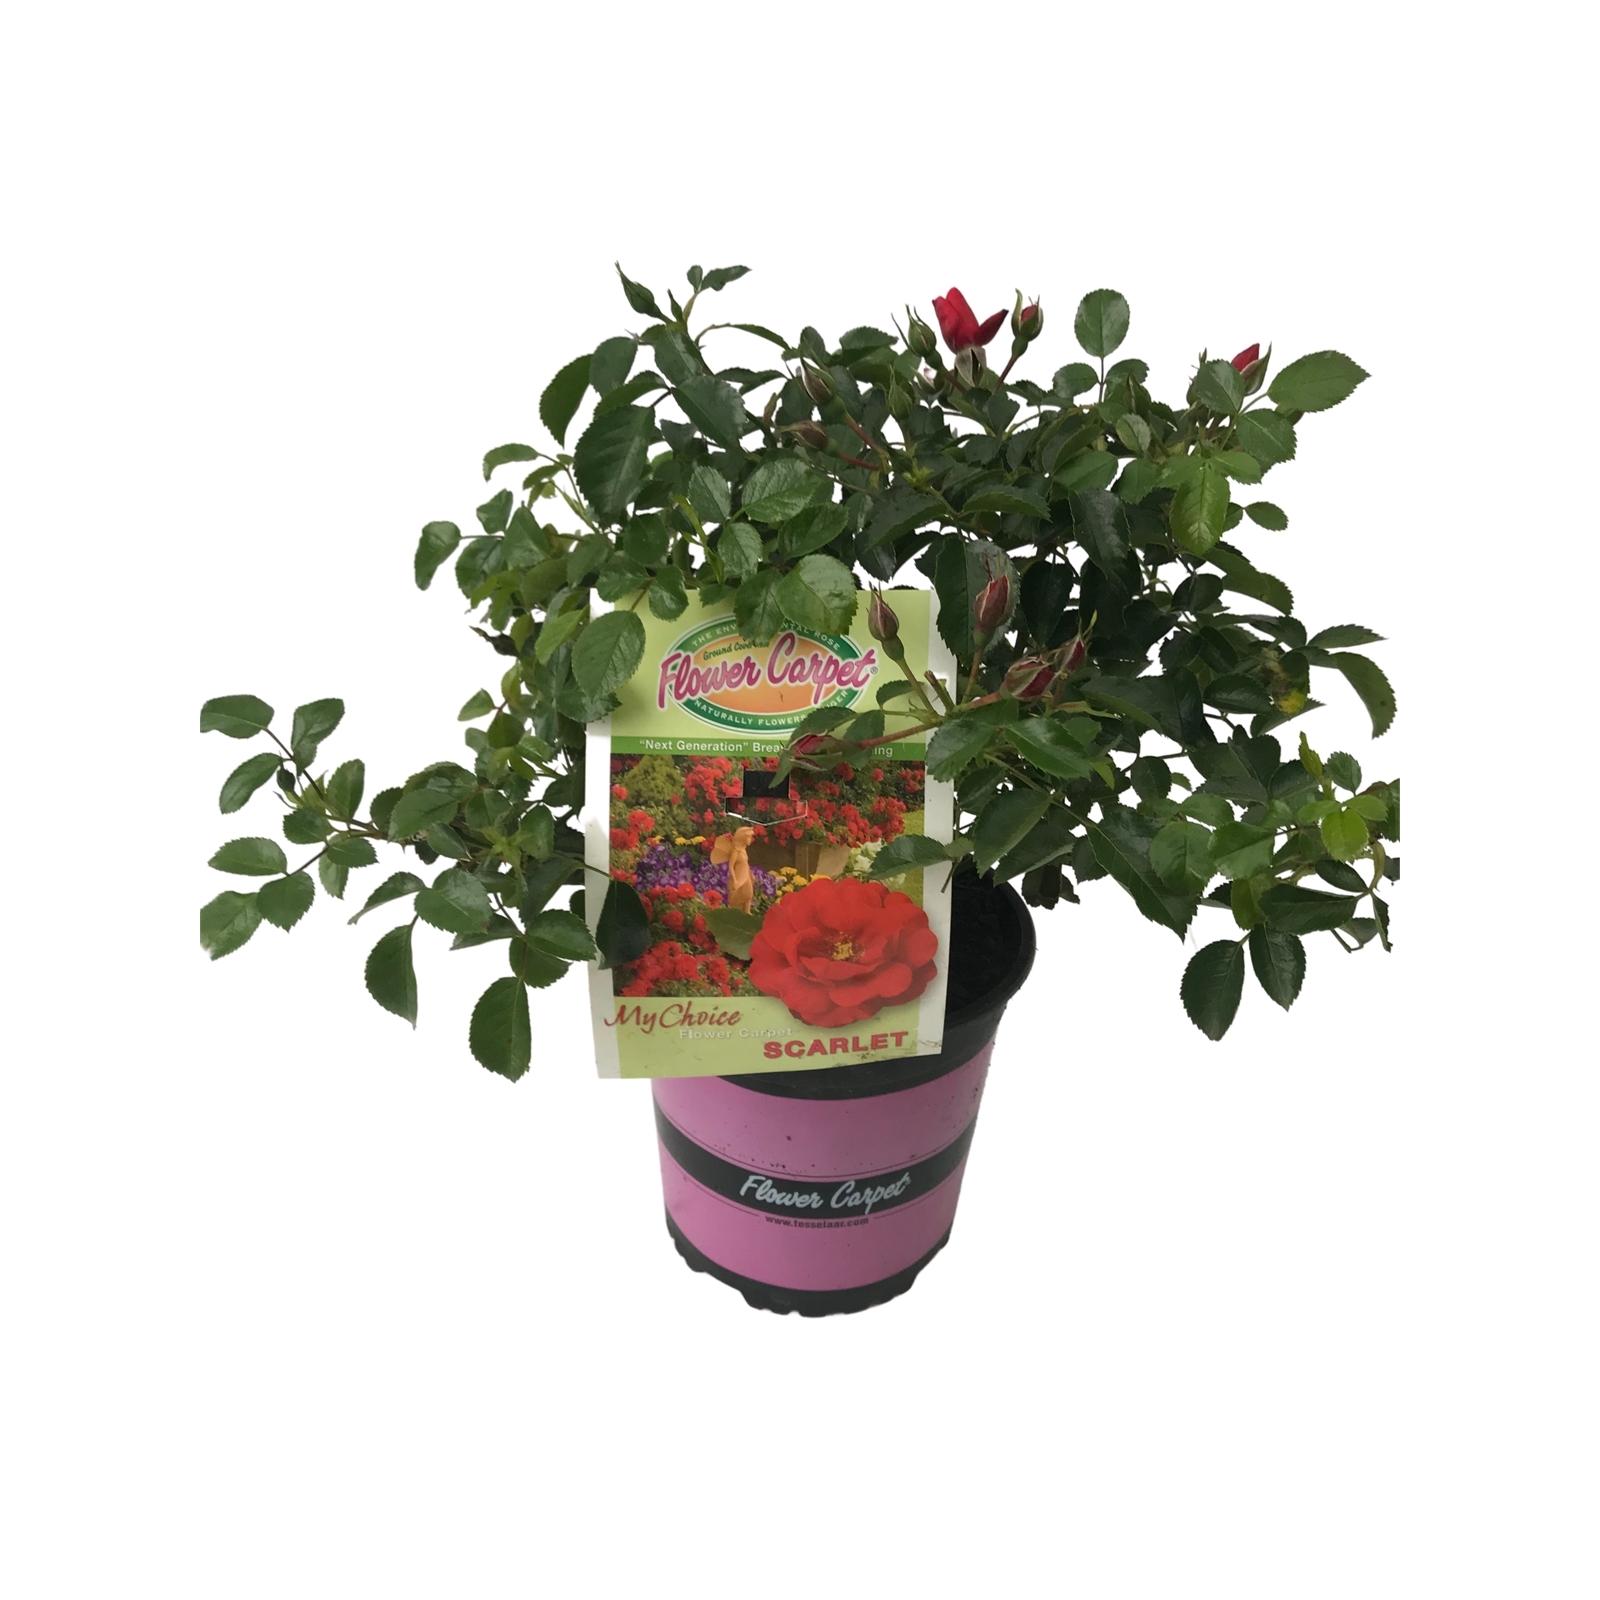 2.5L Carpet Rose Scarlet - Rosa